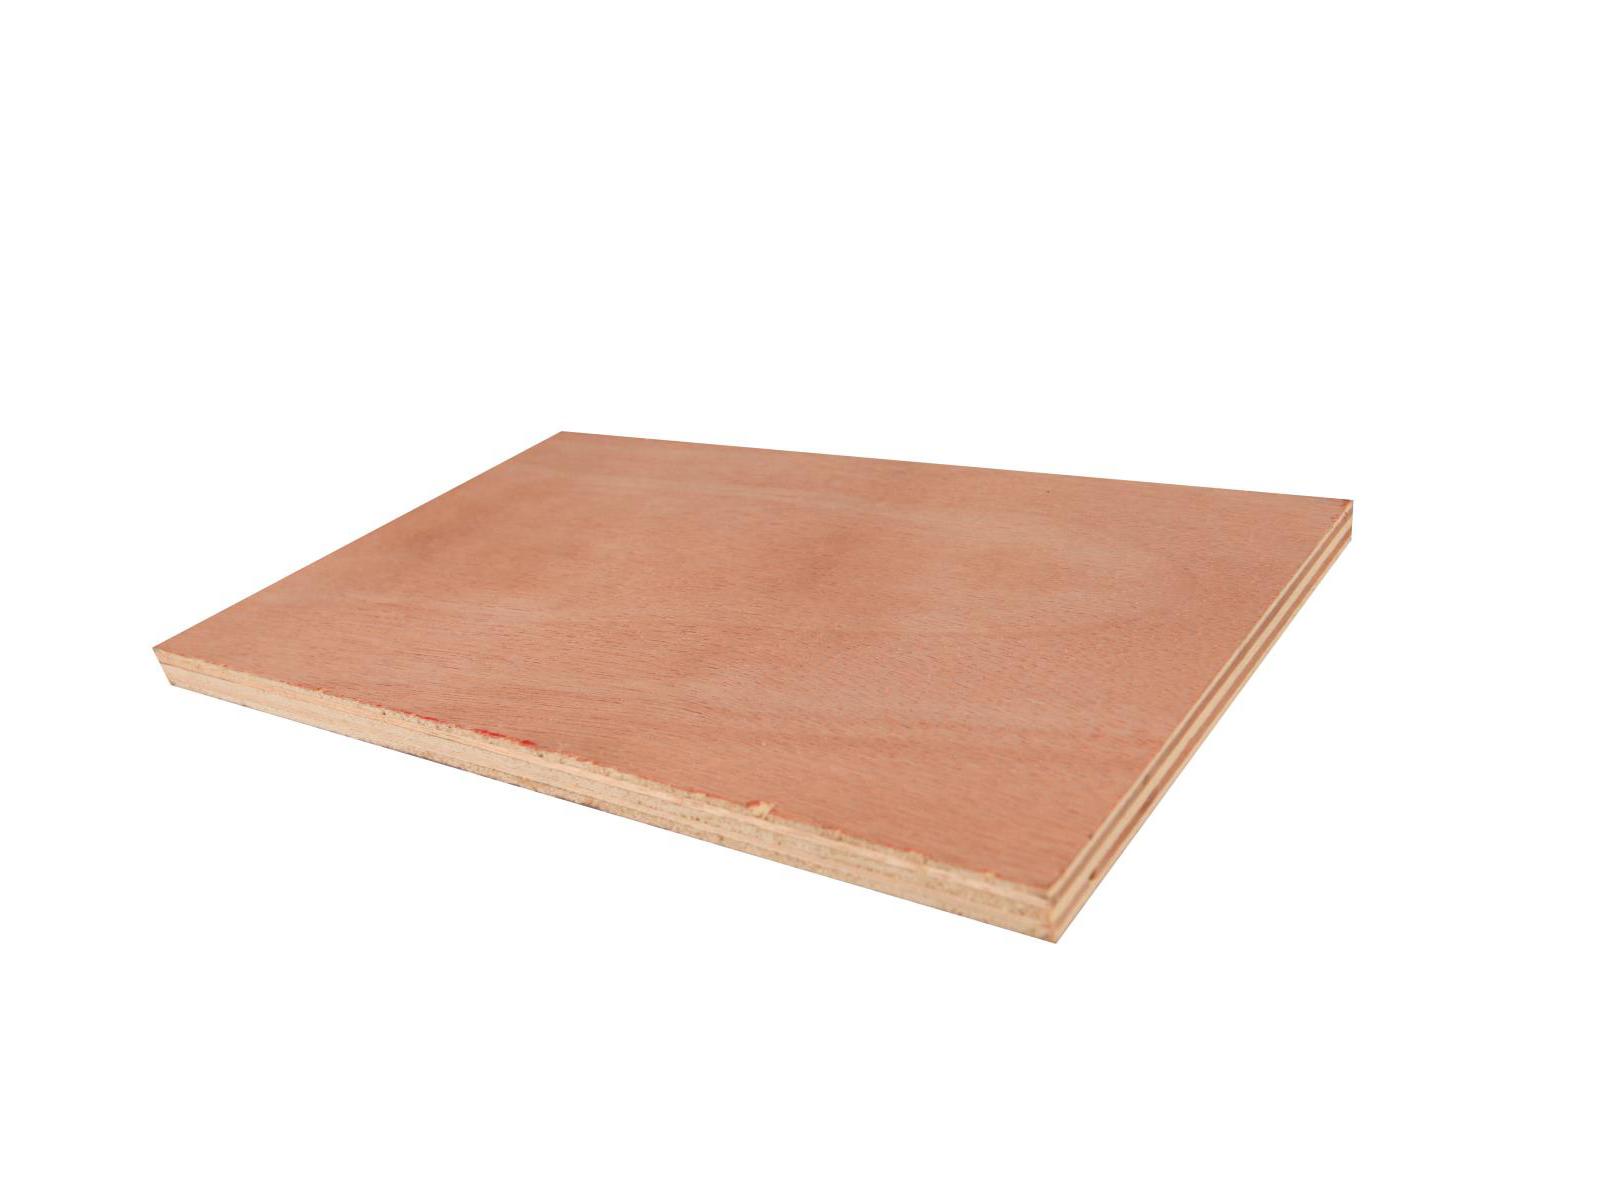 平阳家具阻燃板哪家便宜,多层阻燃板供应